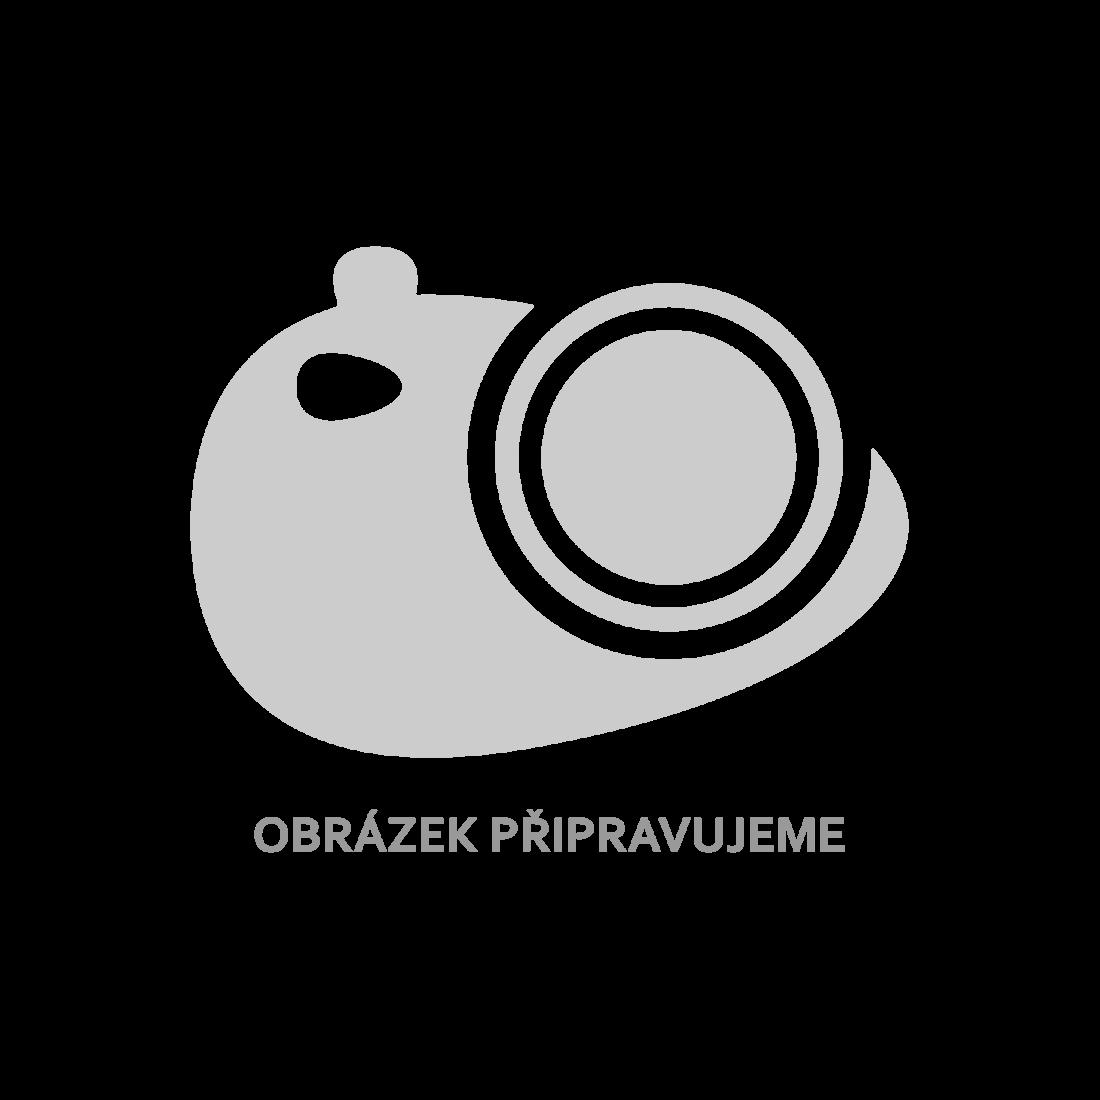 vidaXL Konferenční stolek bílý Ø 39,5 cm [287650]